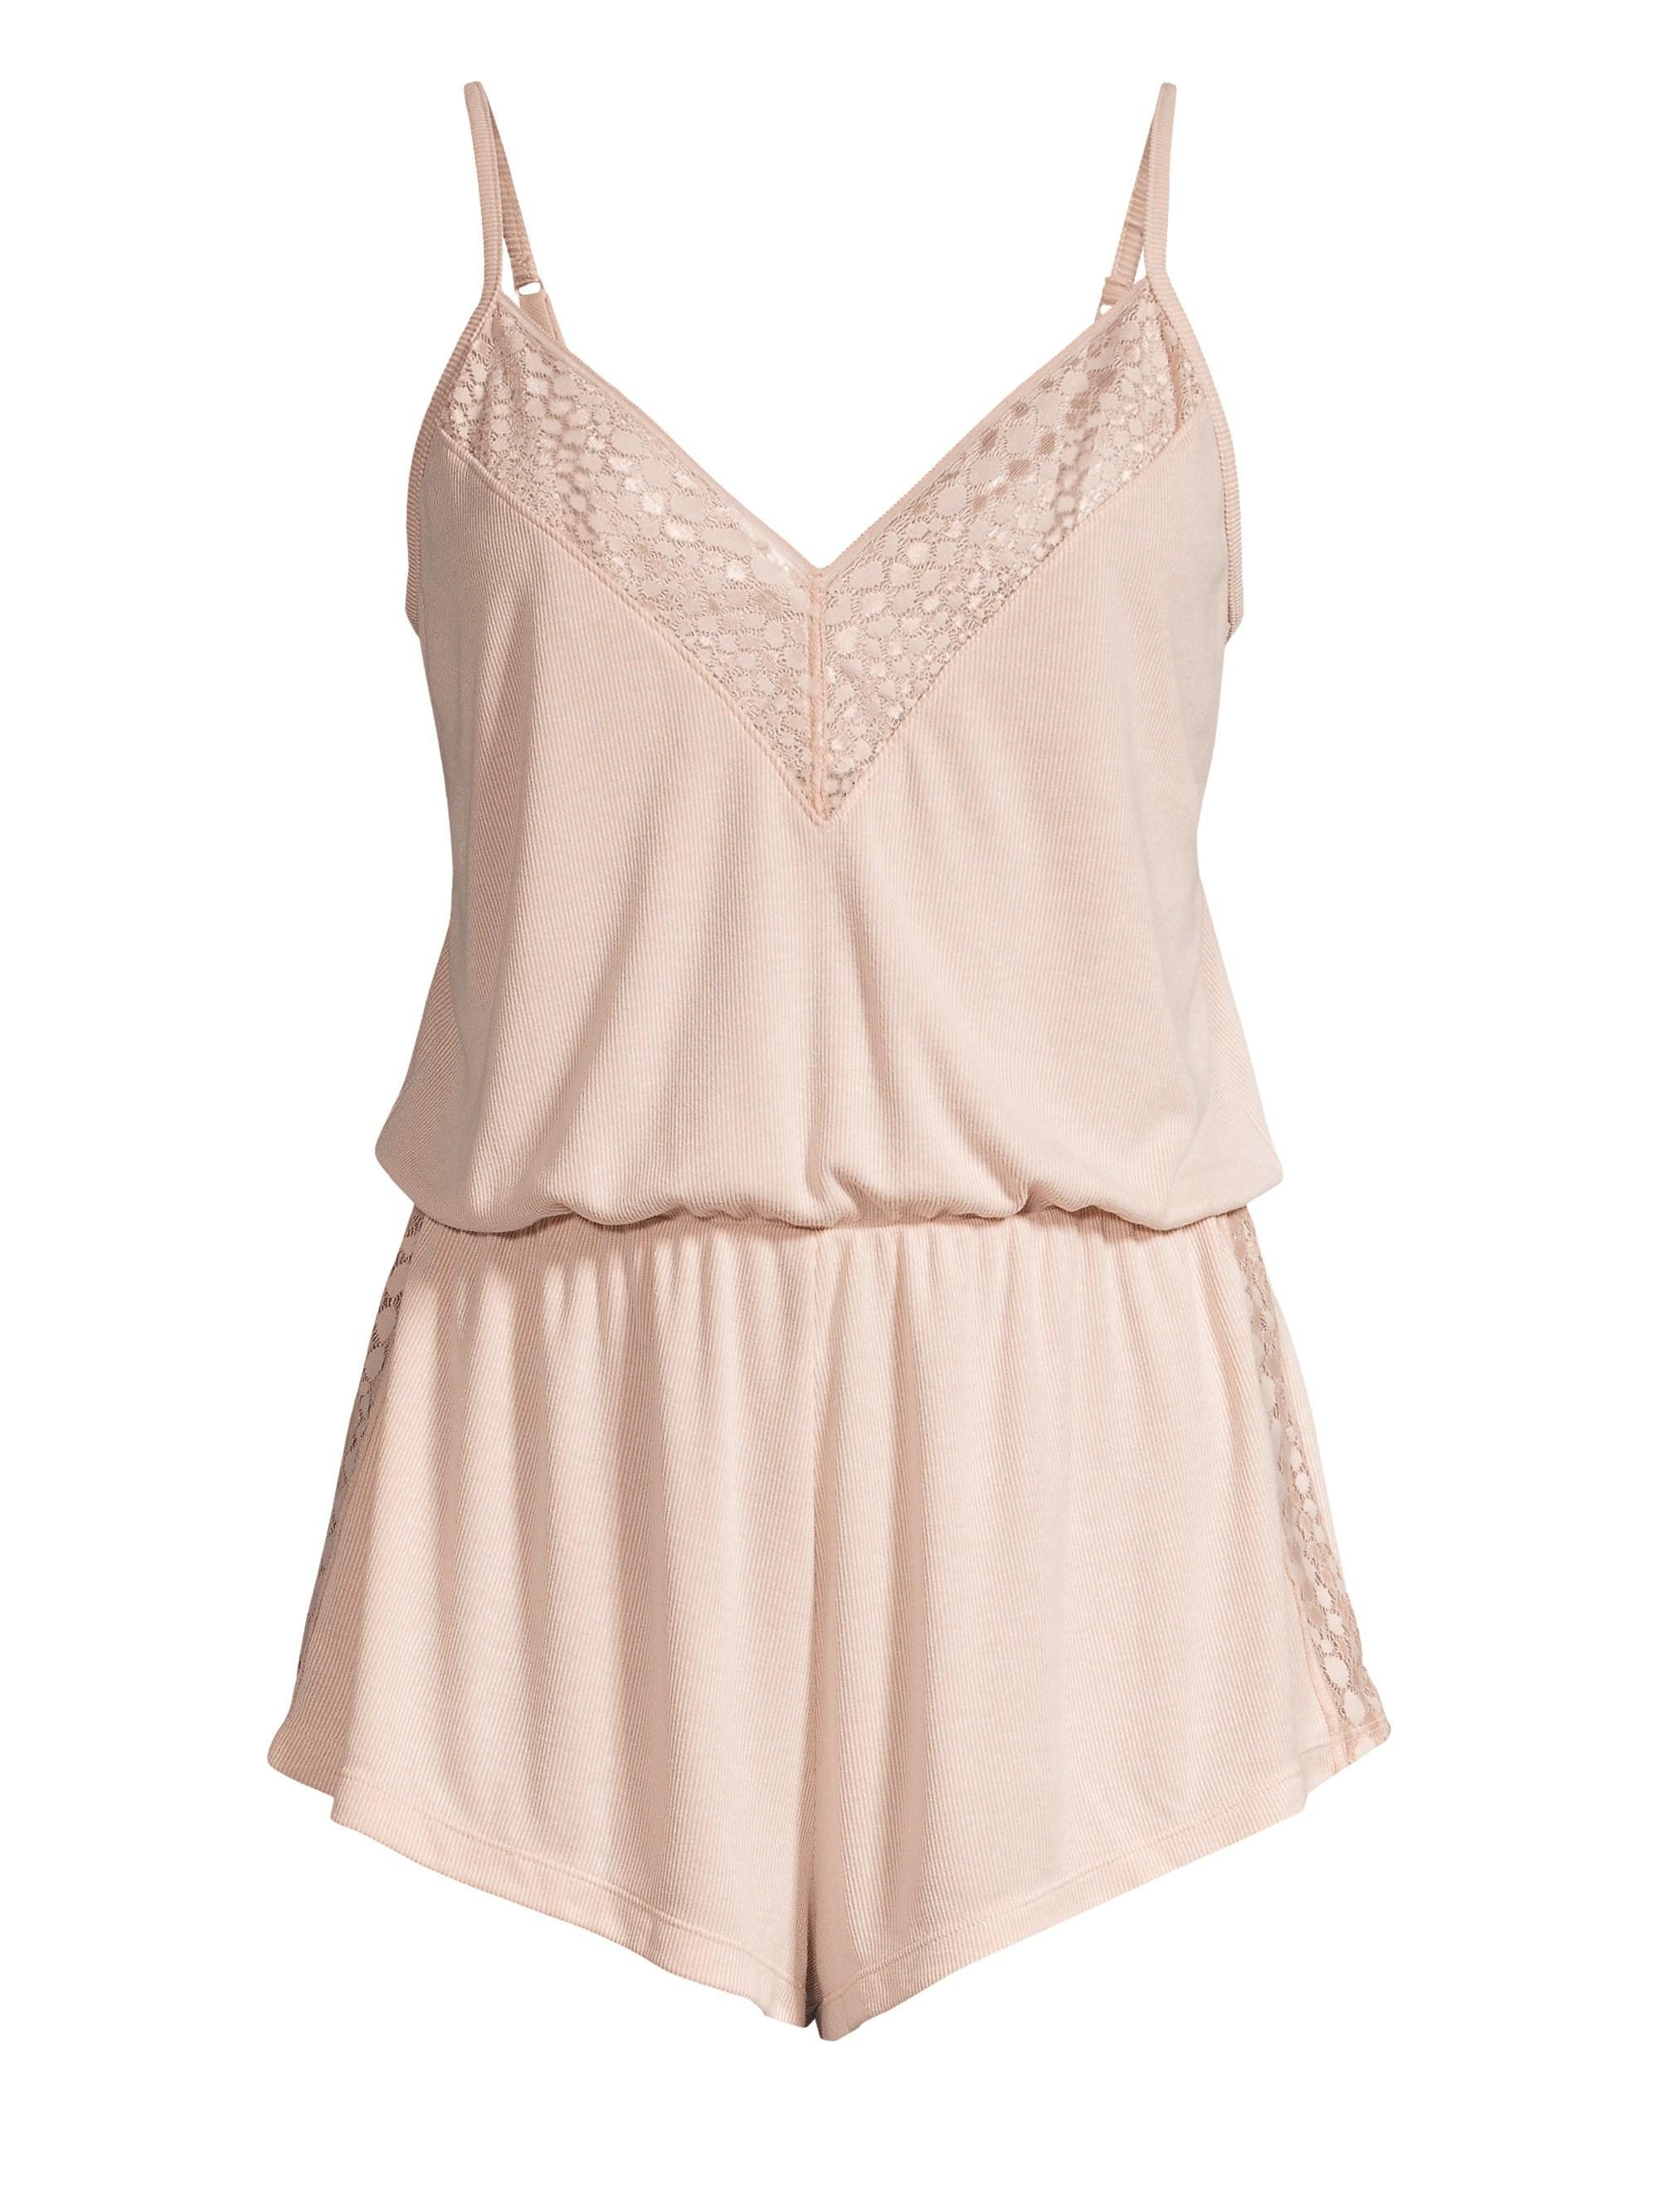 32dcd22527e2 Cosabella Women s Sweet Dreams Lace-trim Sleep Romper - Pink Dust ...